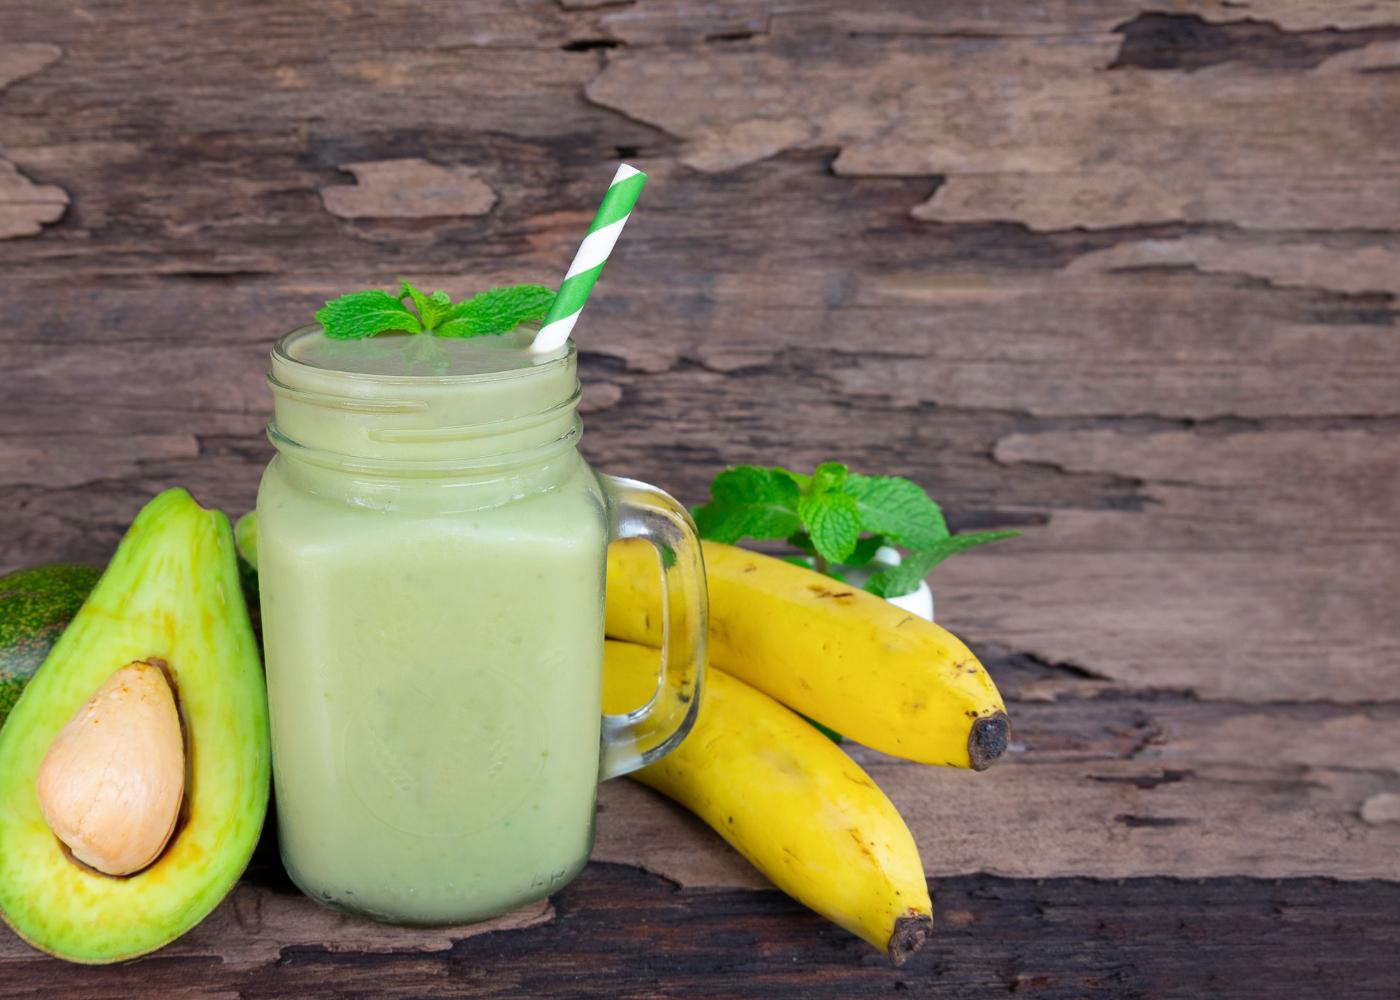 batidos de fruta: 7 receitas muito praticas, saborosas e saudaveis